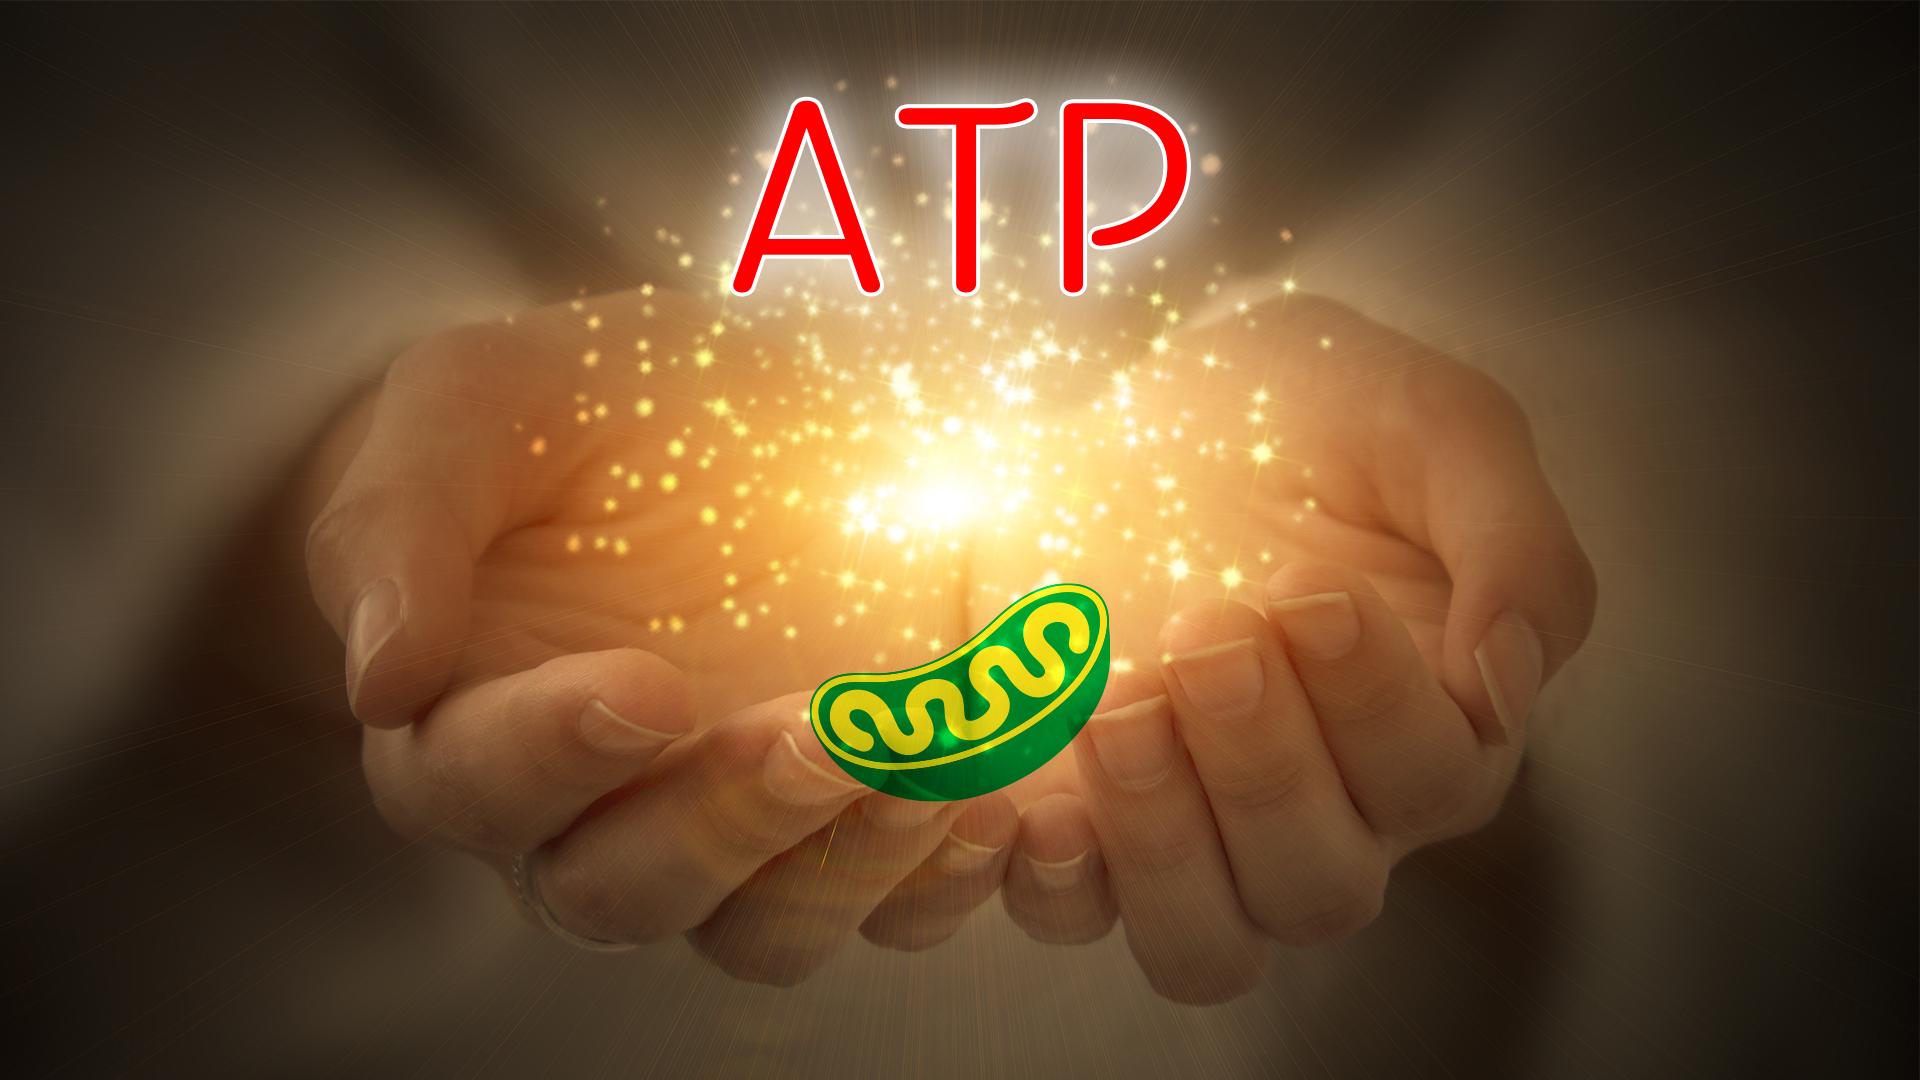 エネルギーを作るATP(アデノシン三リン酸)|エネルギー源は糖質or脂質??